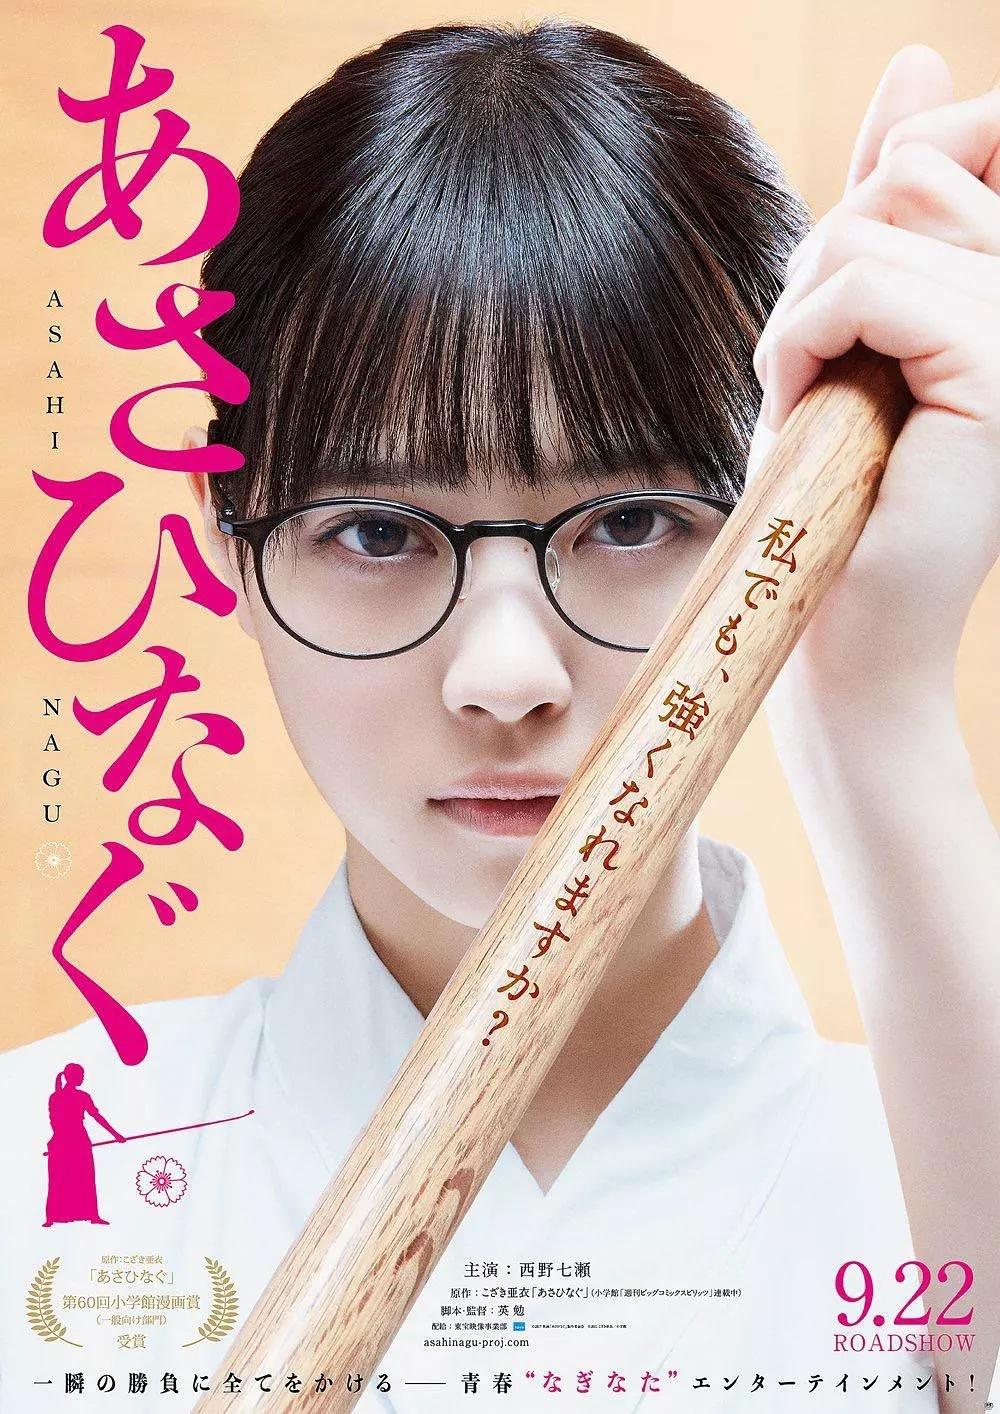 薙刀社青春日记 [漫改青春偶像电影]